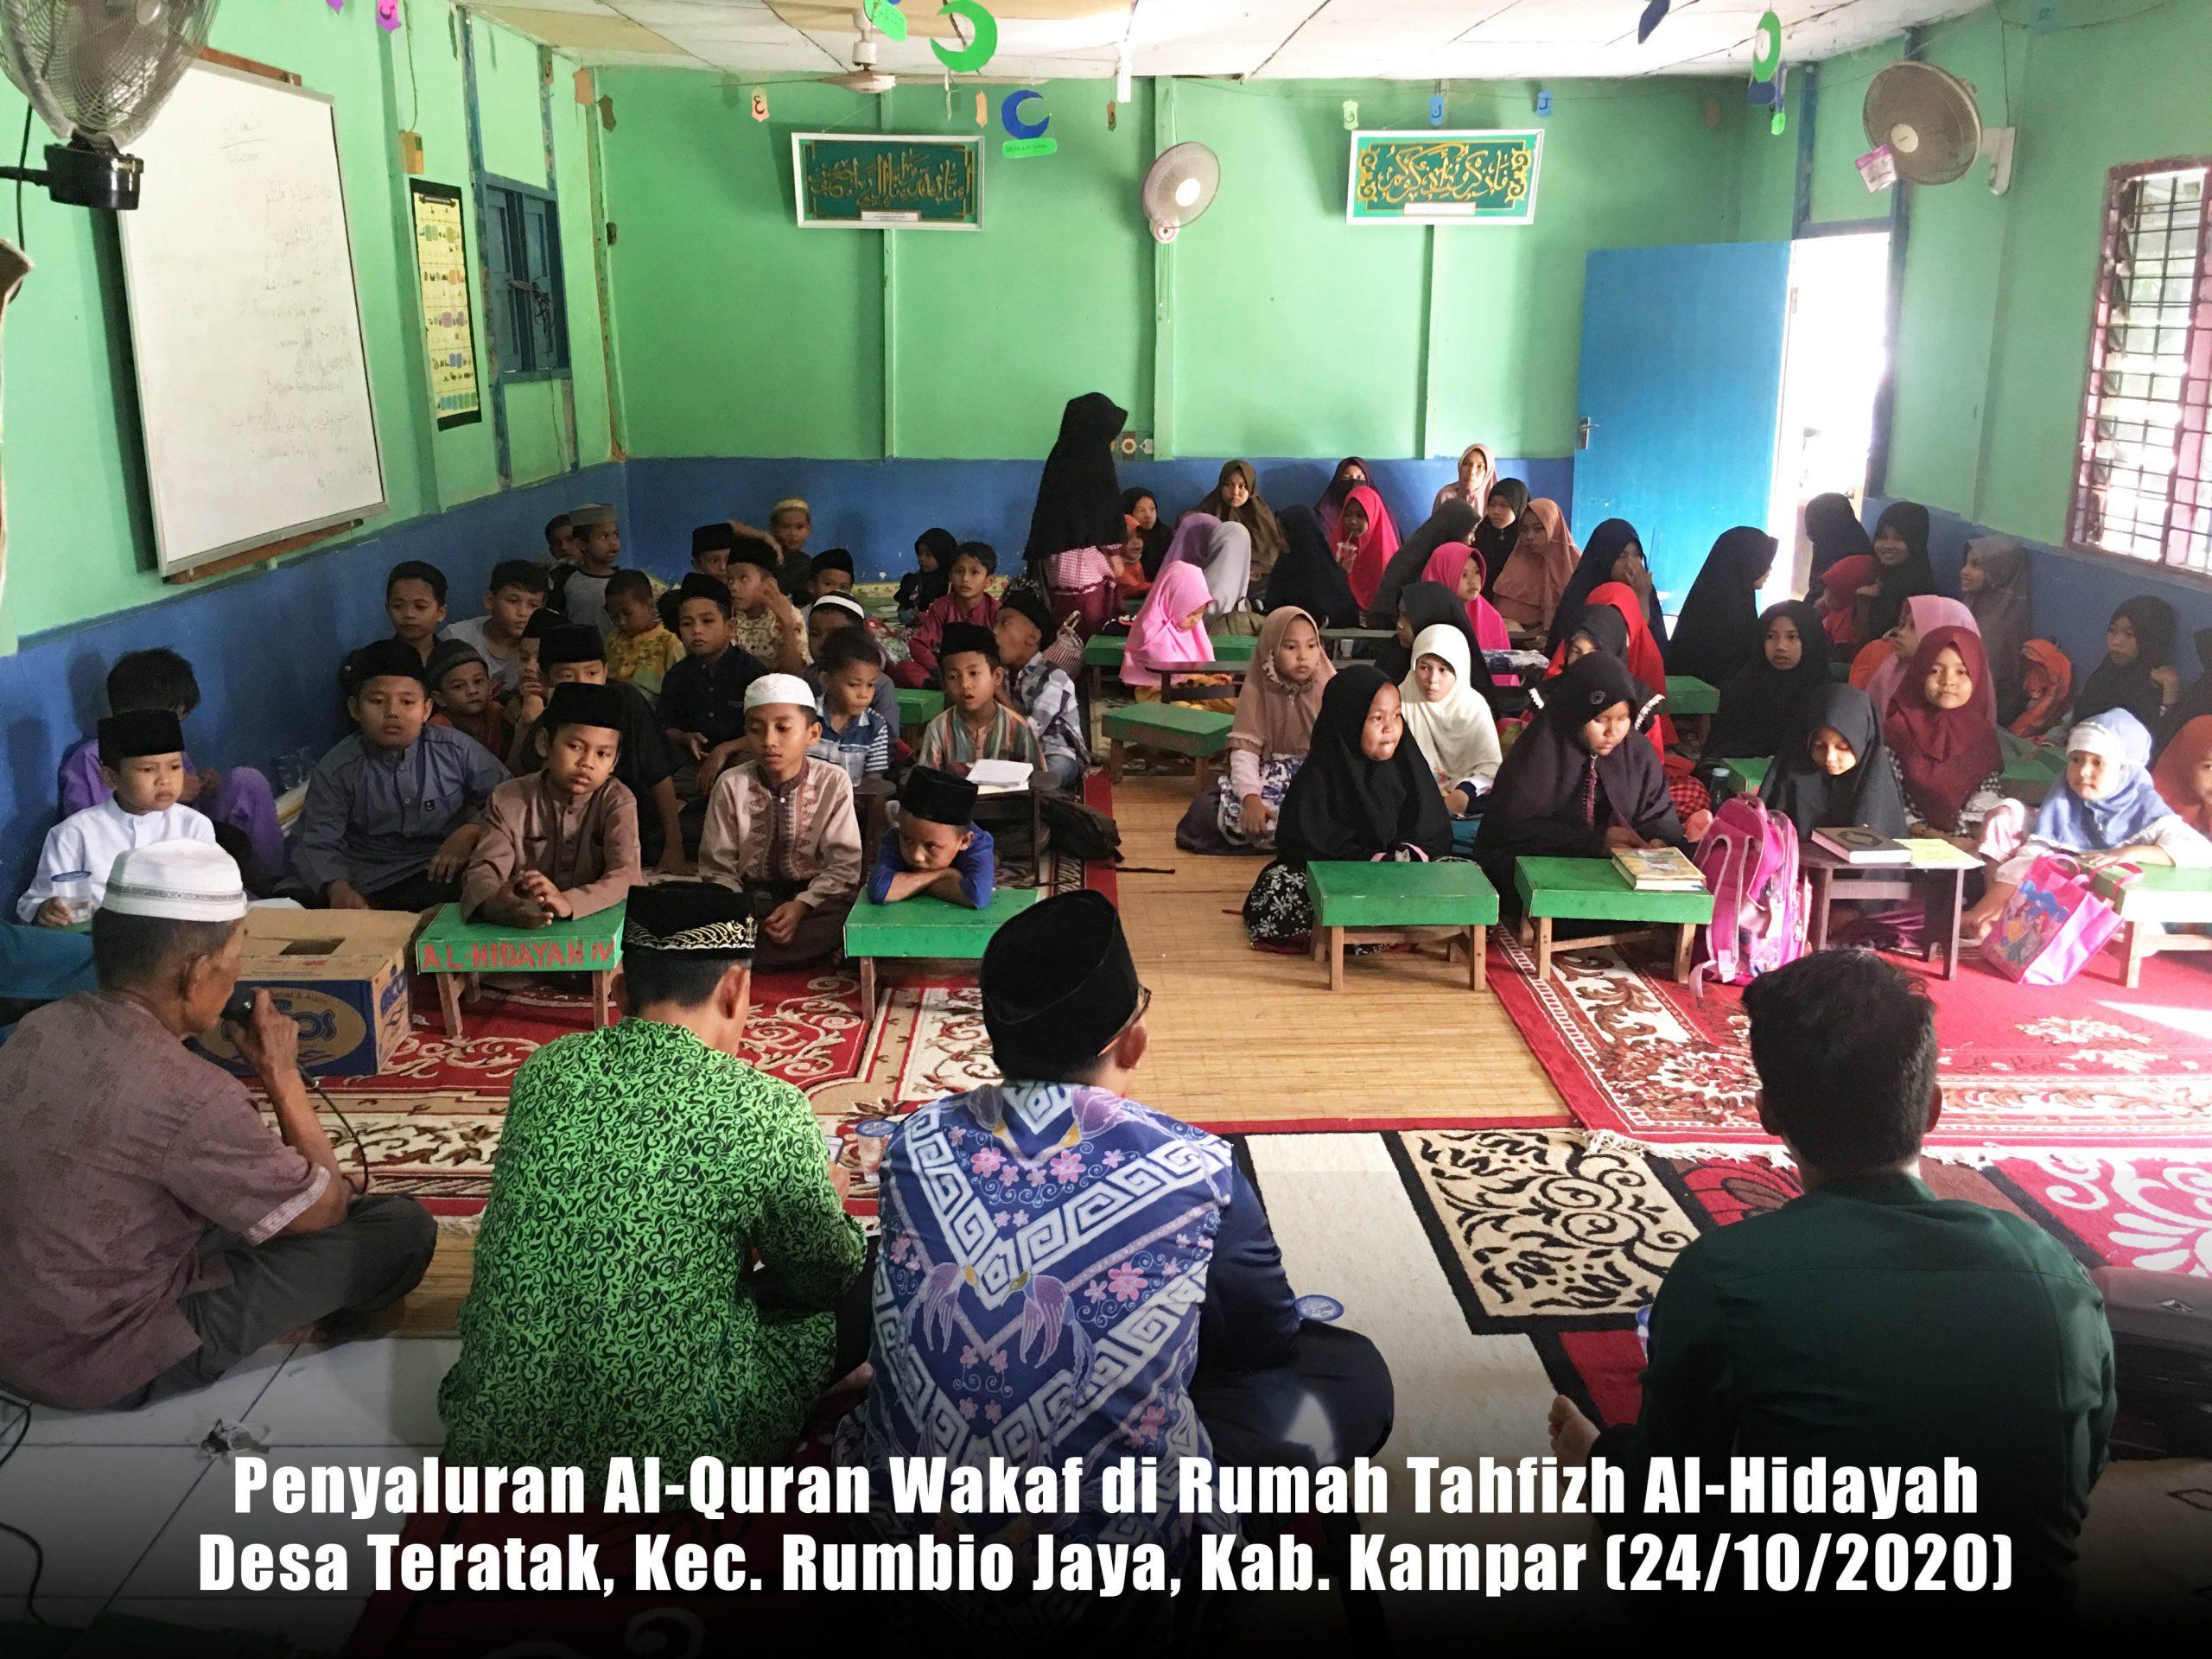 Laporan Penyaluran Al-Quran Wakaf ke Desa Teratak, Kec. Rumbio Jaya, Kab. Kampar (23/10/2020)